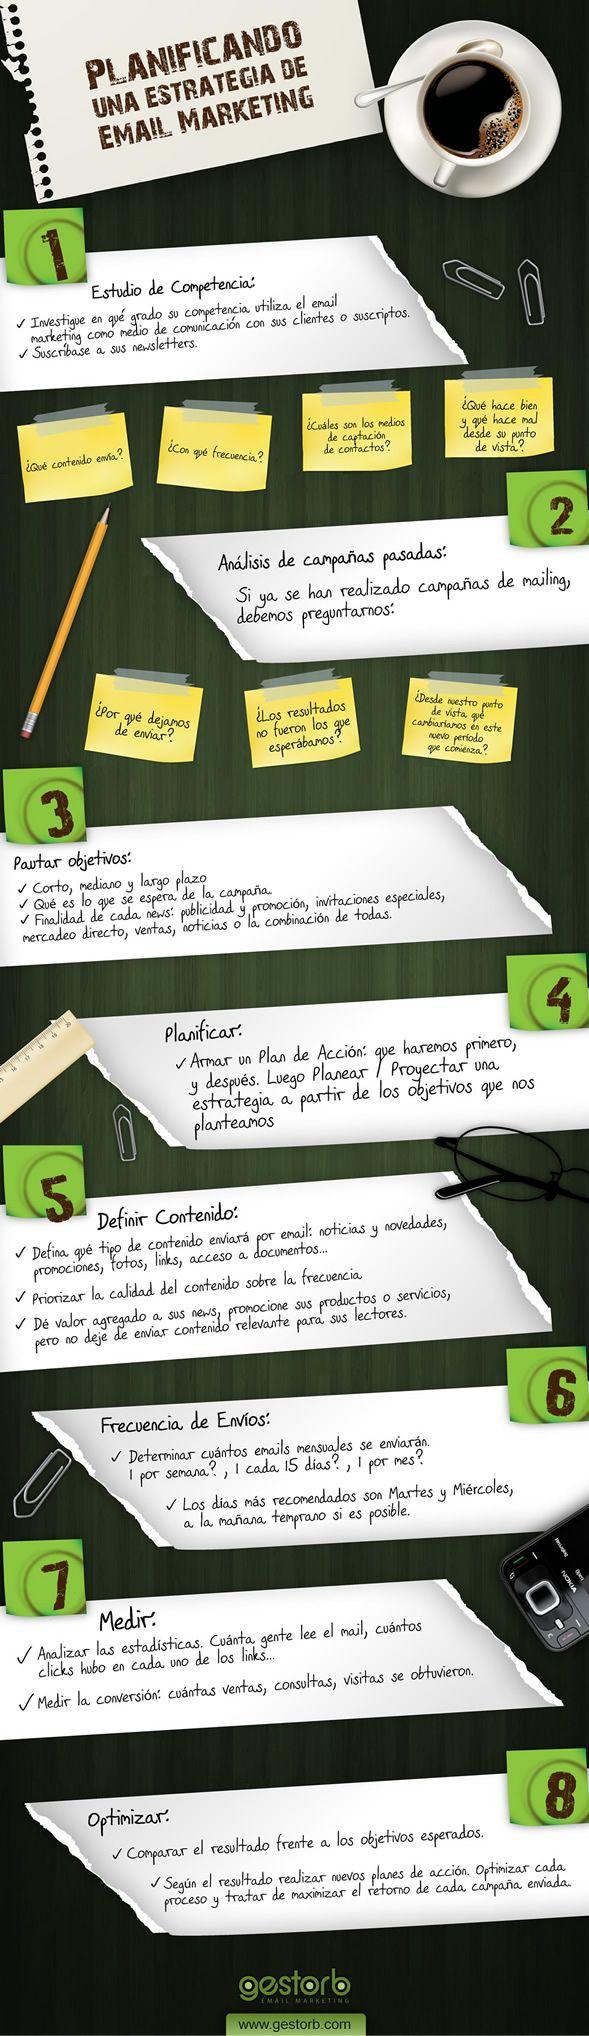 #Consejo2_0 Planificando una estrategia de email marketing #infografia